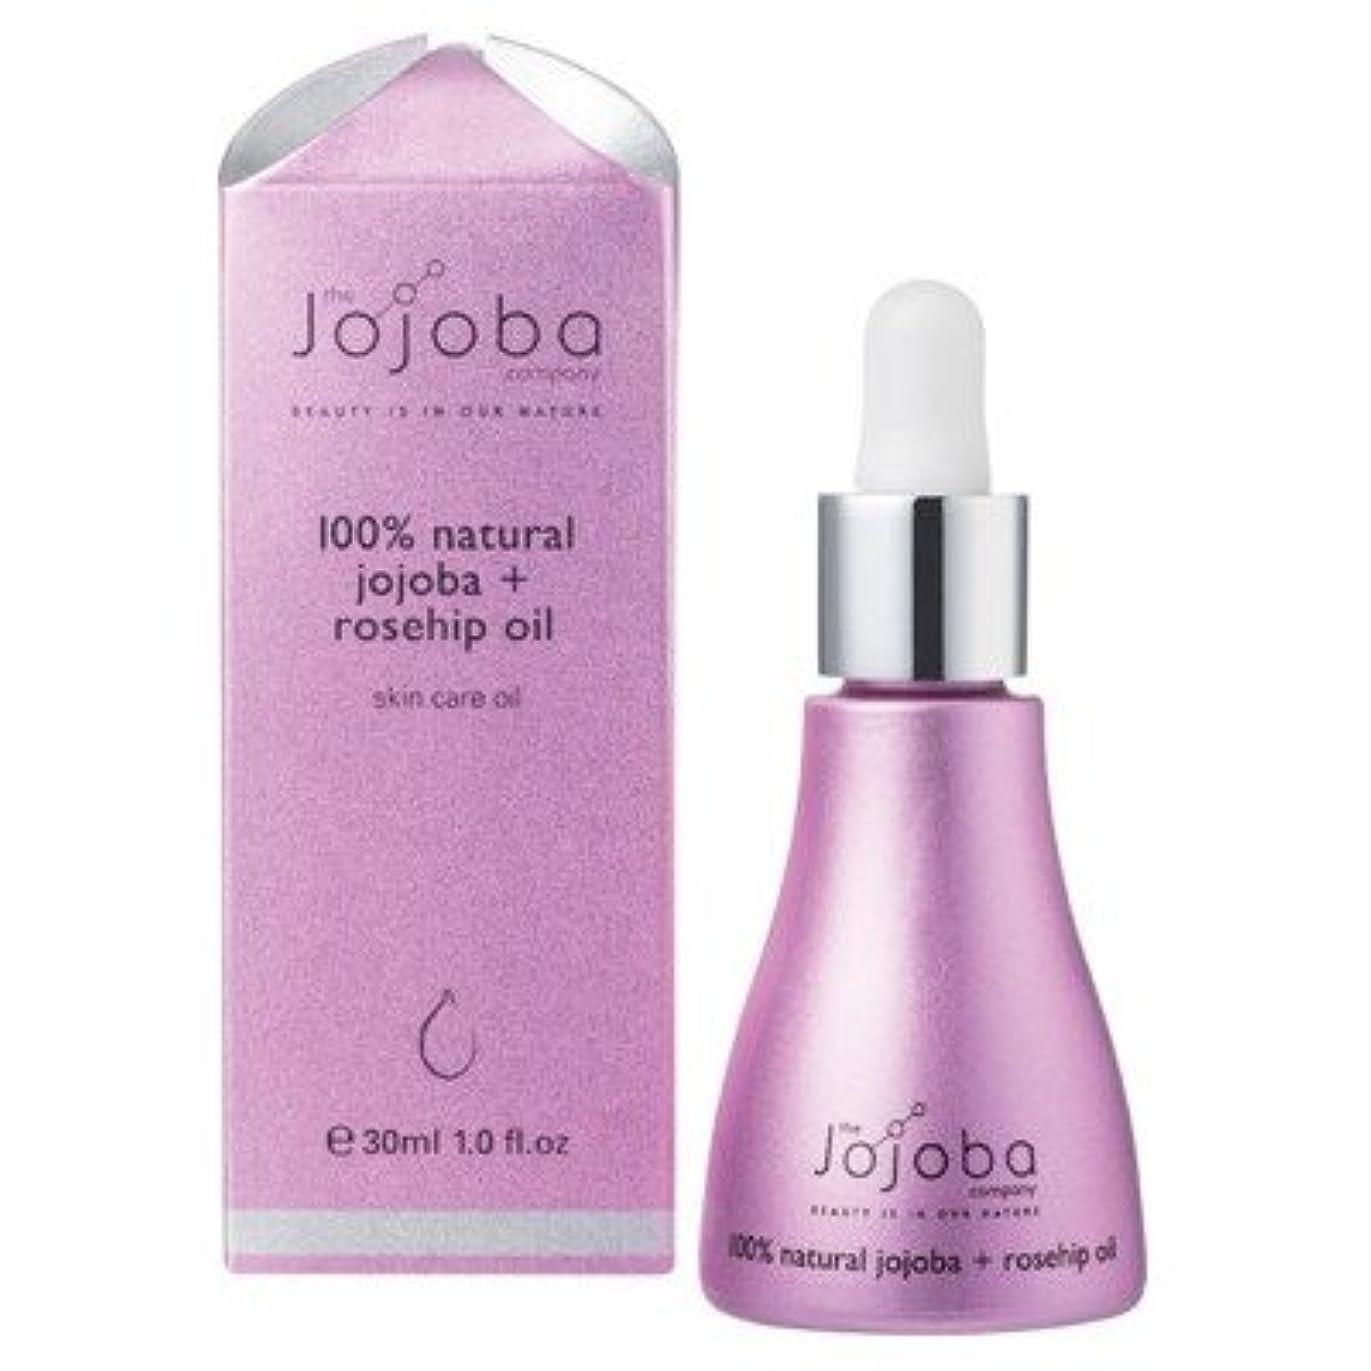 天国パイプピクニックthe Jojoba Company 100% Natural Australian Jojoba Oil + Rosehip Oil ホホバ&ローズヒップブレンドオイル 30ml [海外直送品]